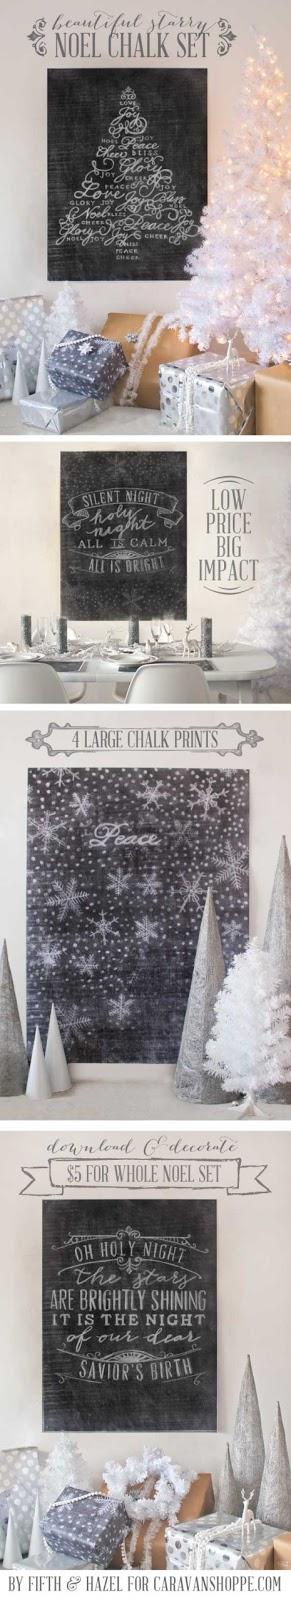 Large Printable Chalkboard Printables - Great Christmas Art!